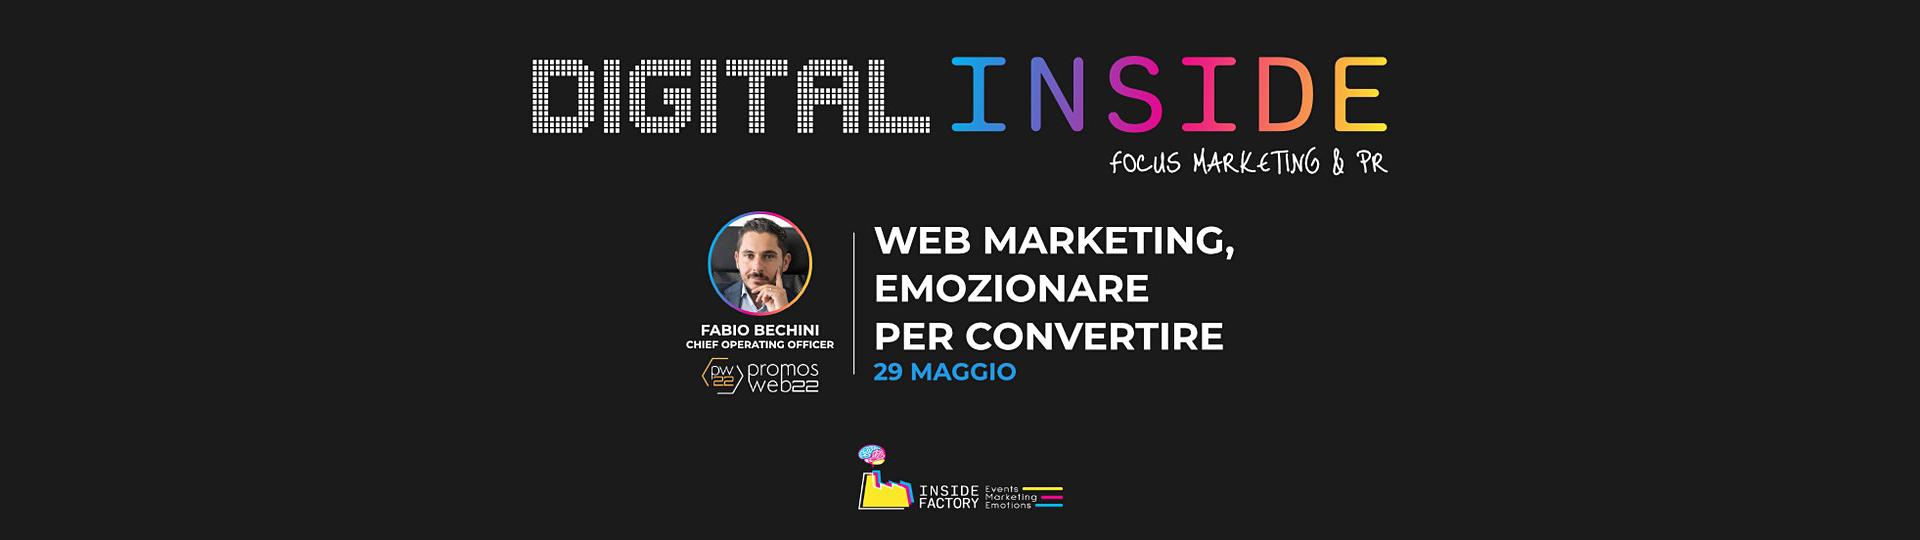 Web Marketing, Emozionare per convertire | Promos Web 22